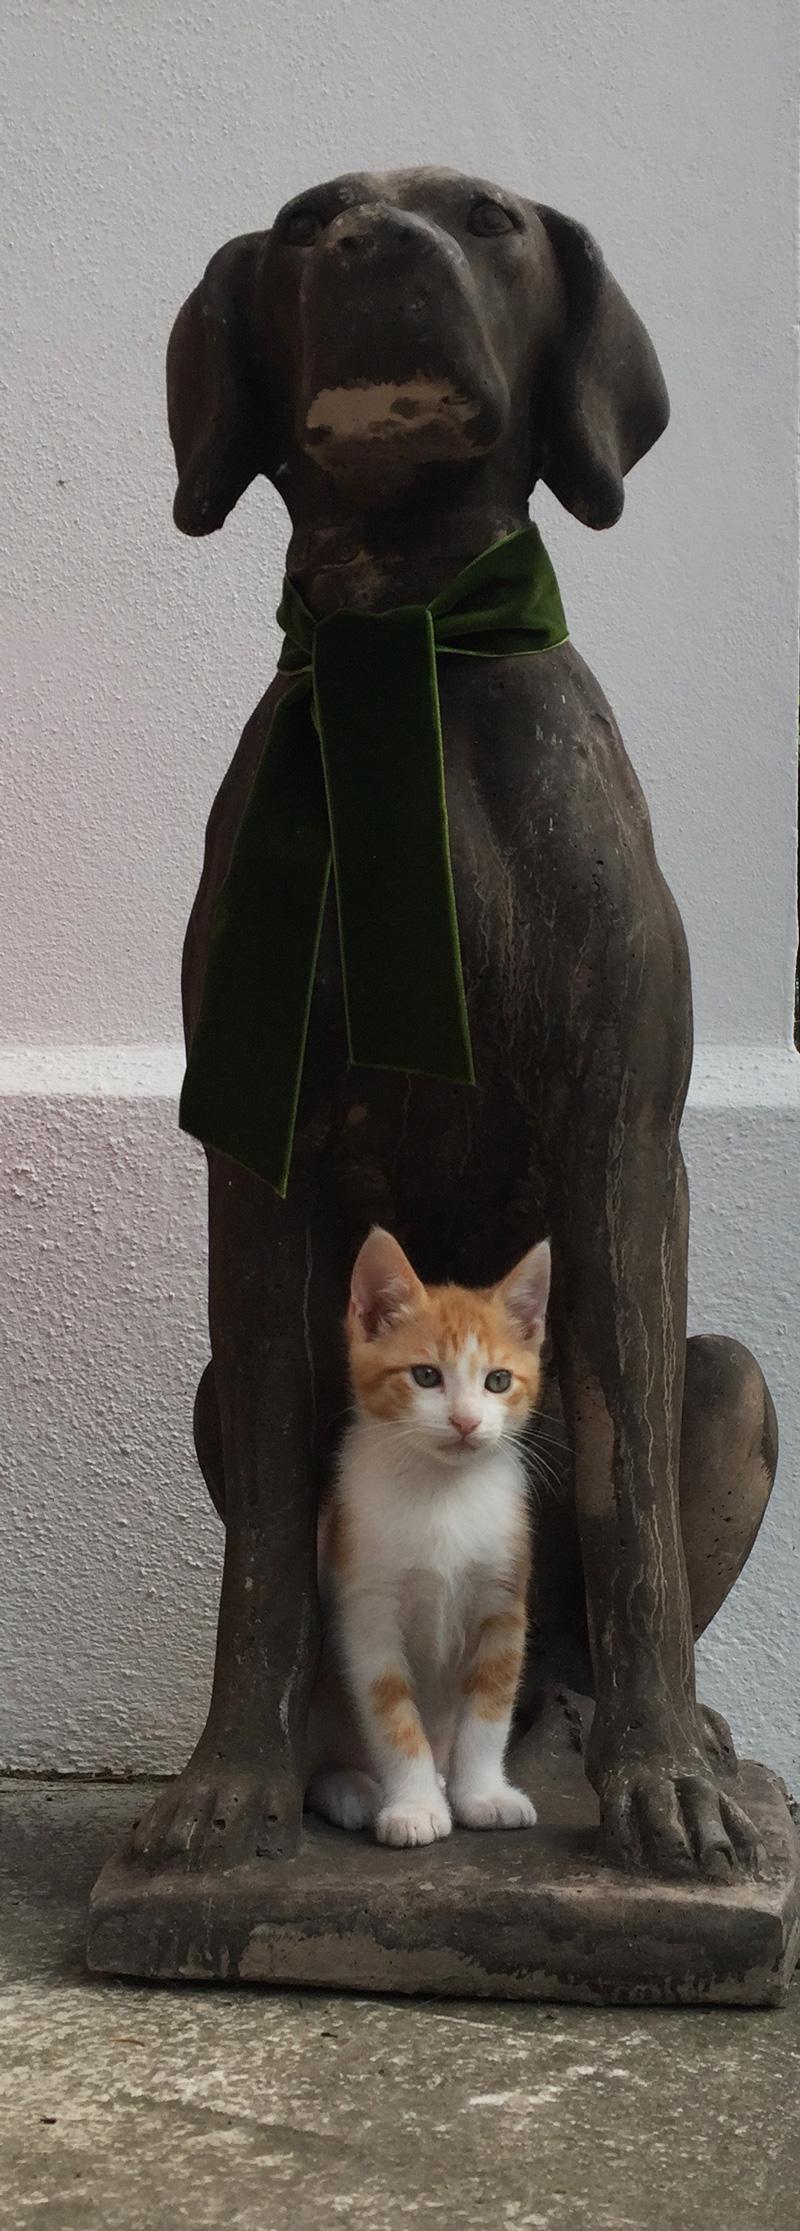 Tierarzt Dr. Ina Hipp - Mobile Tierarztpraxis für Kleintiere rund um den Starnberger See - Kitten mit Hund